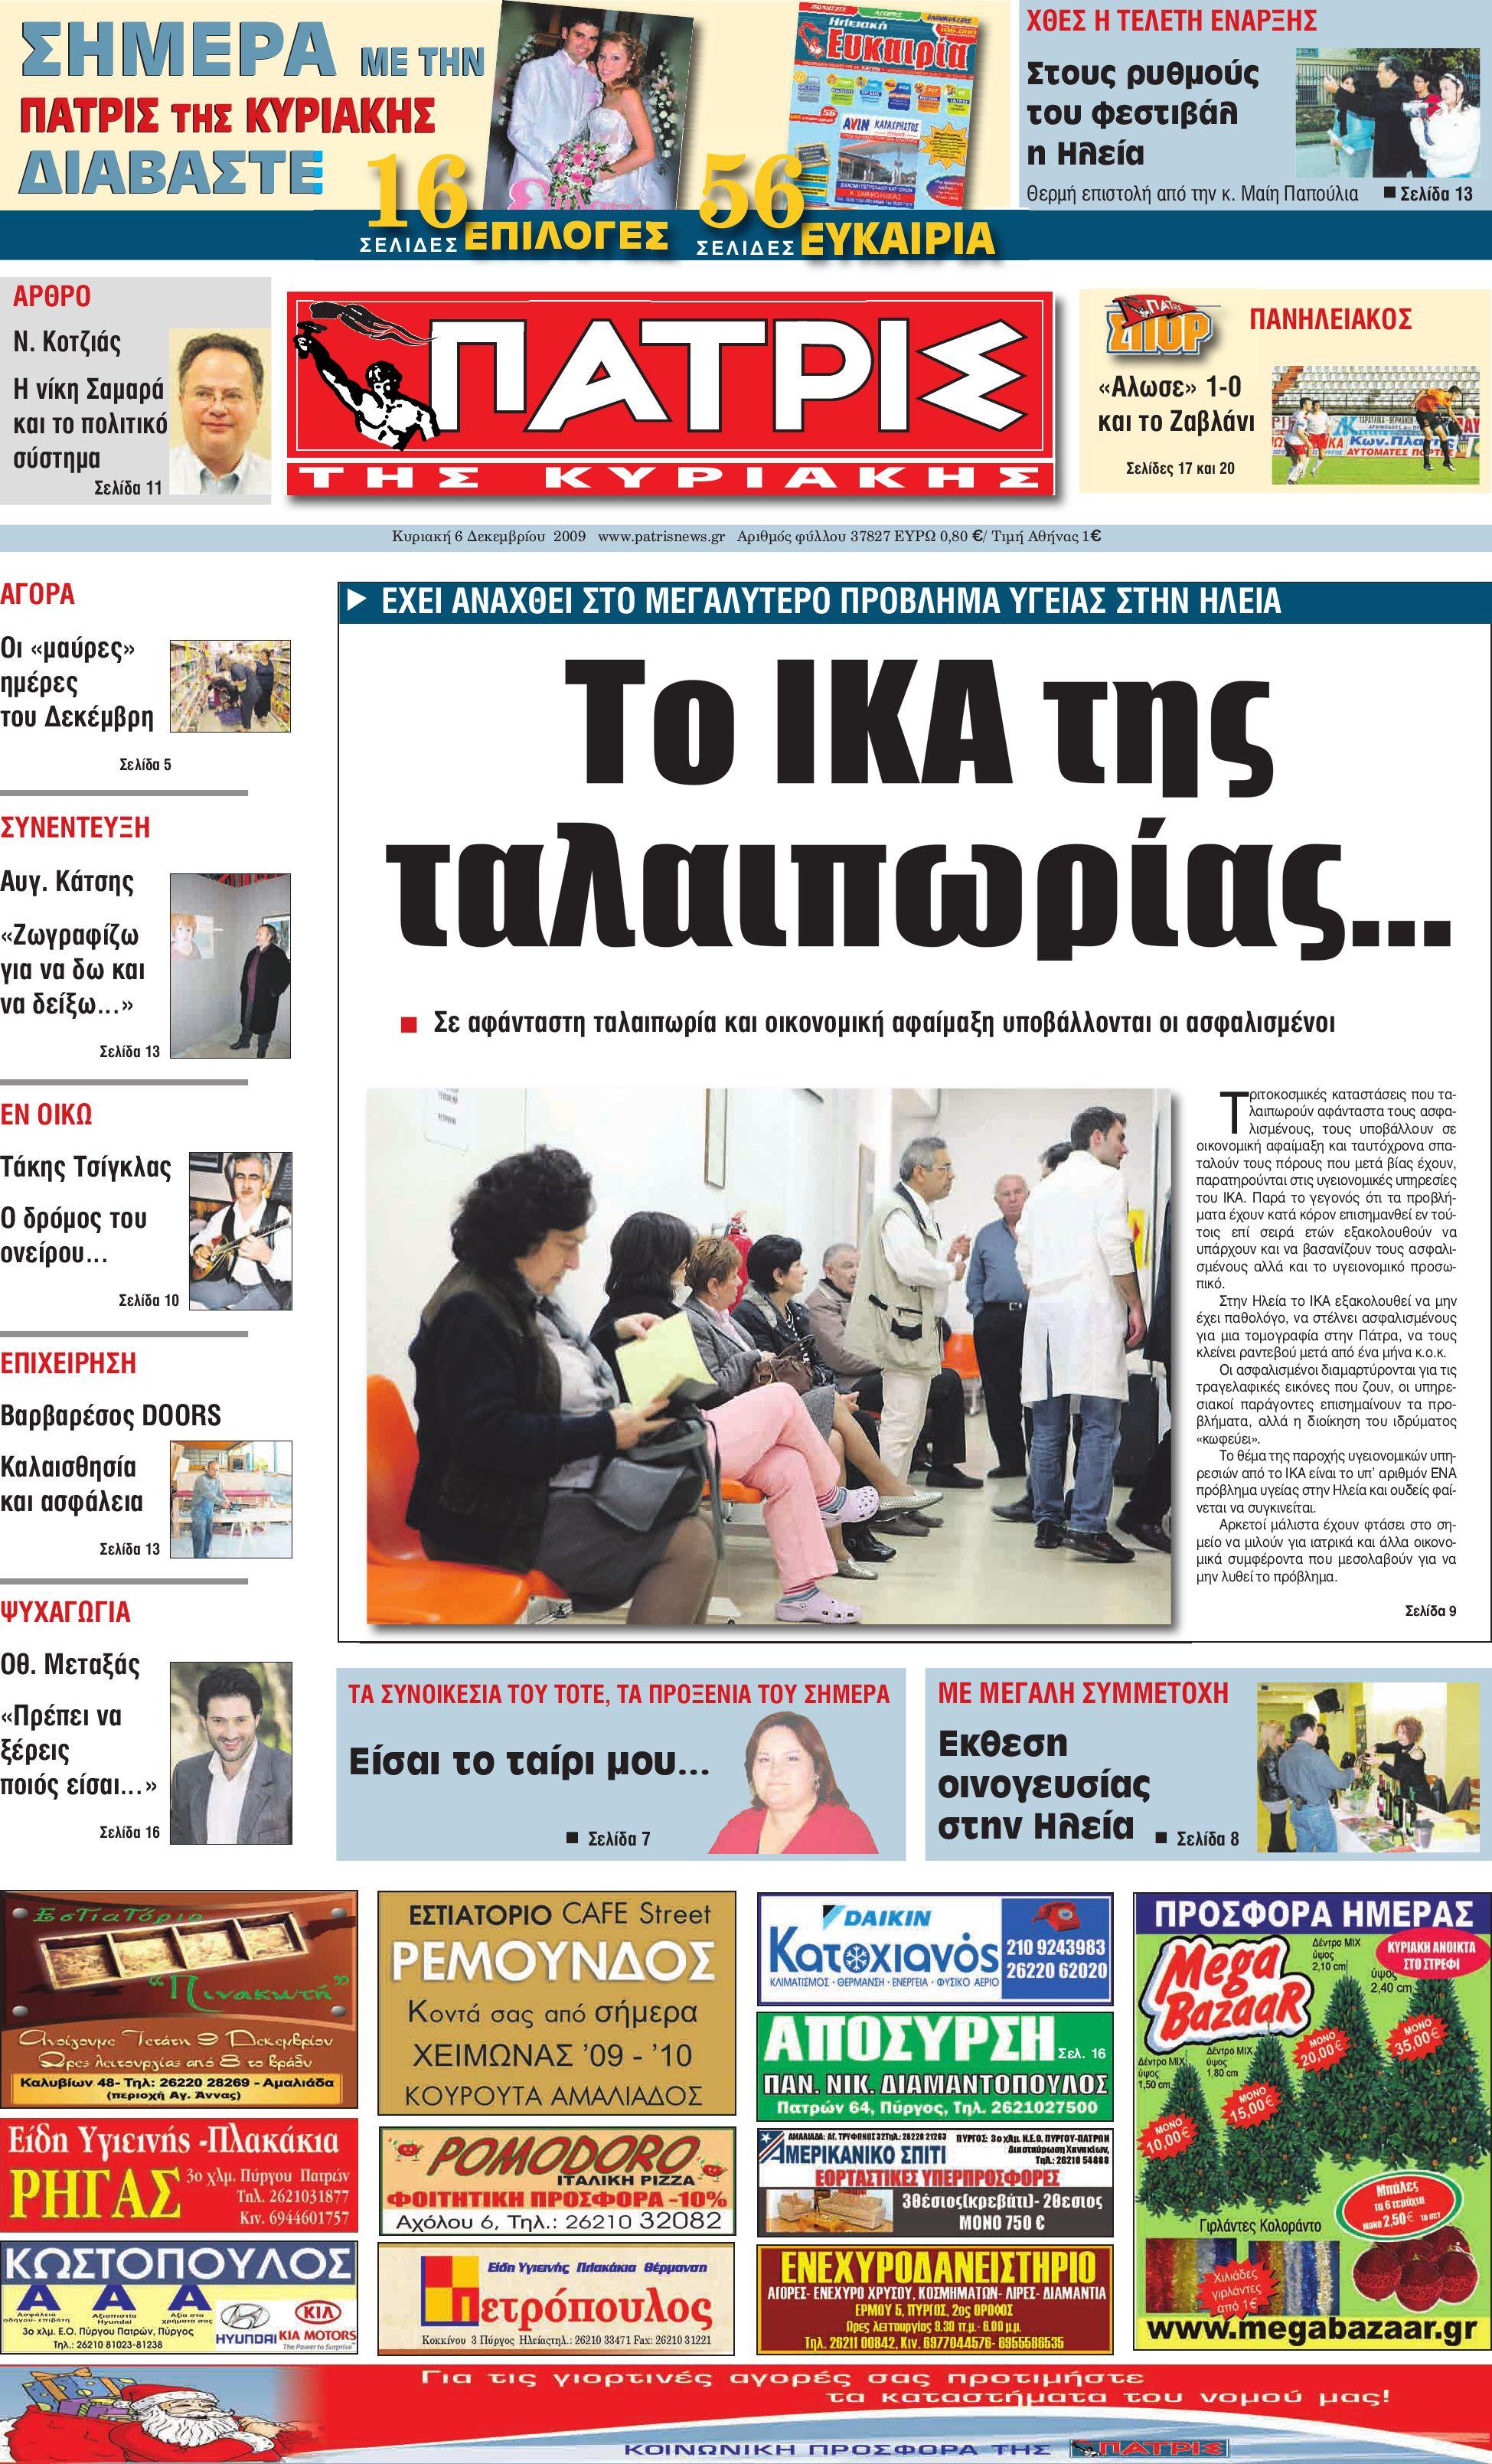 Χρονολογίων στη Μάλτα για πάνω από 40